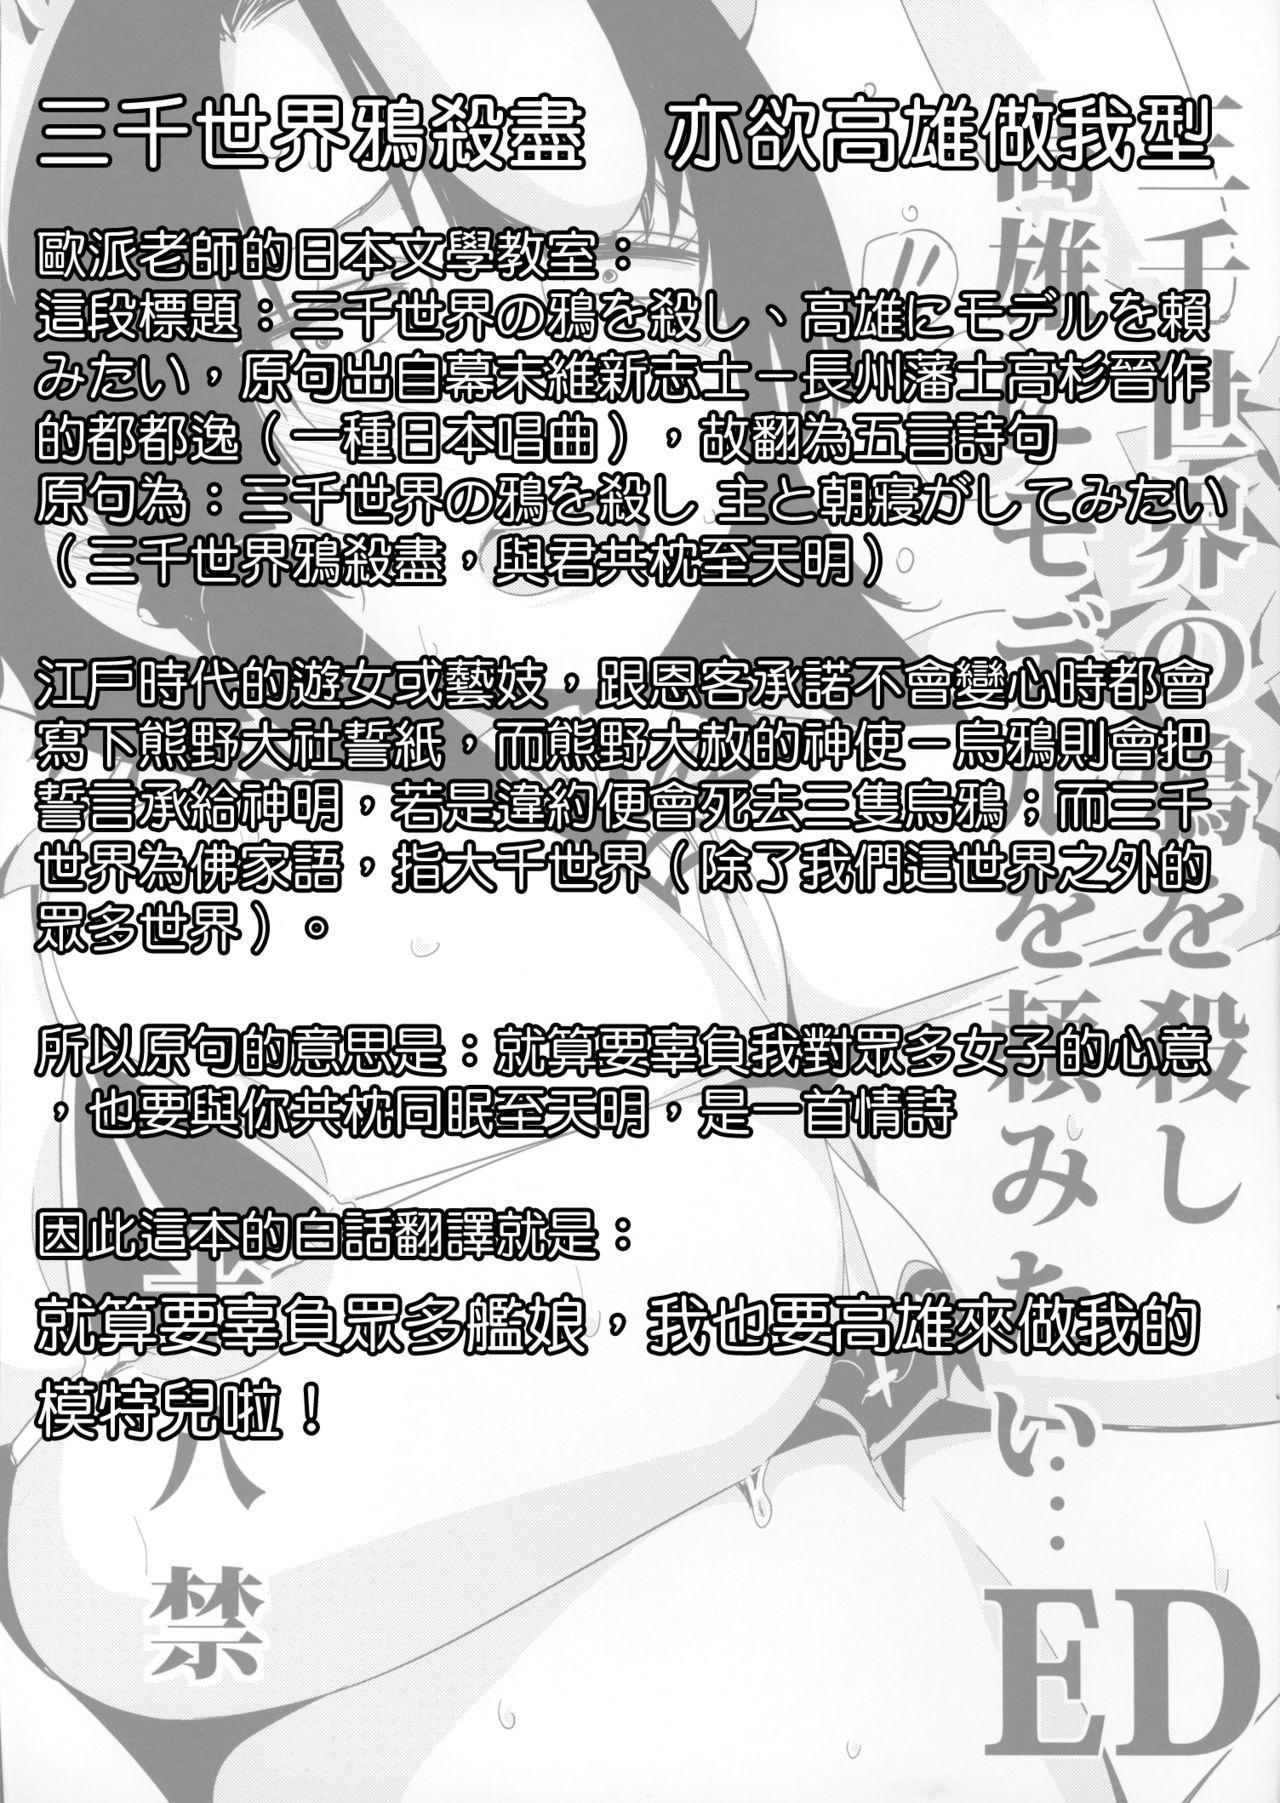 Sanzen Sekai no Karasu o Koroshi Takao ni Model o Tanomitai... 1